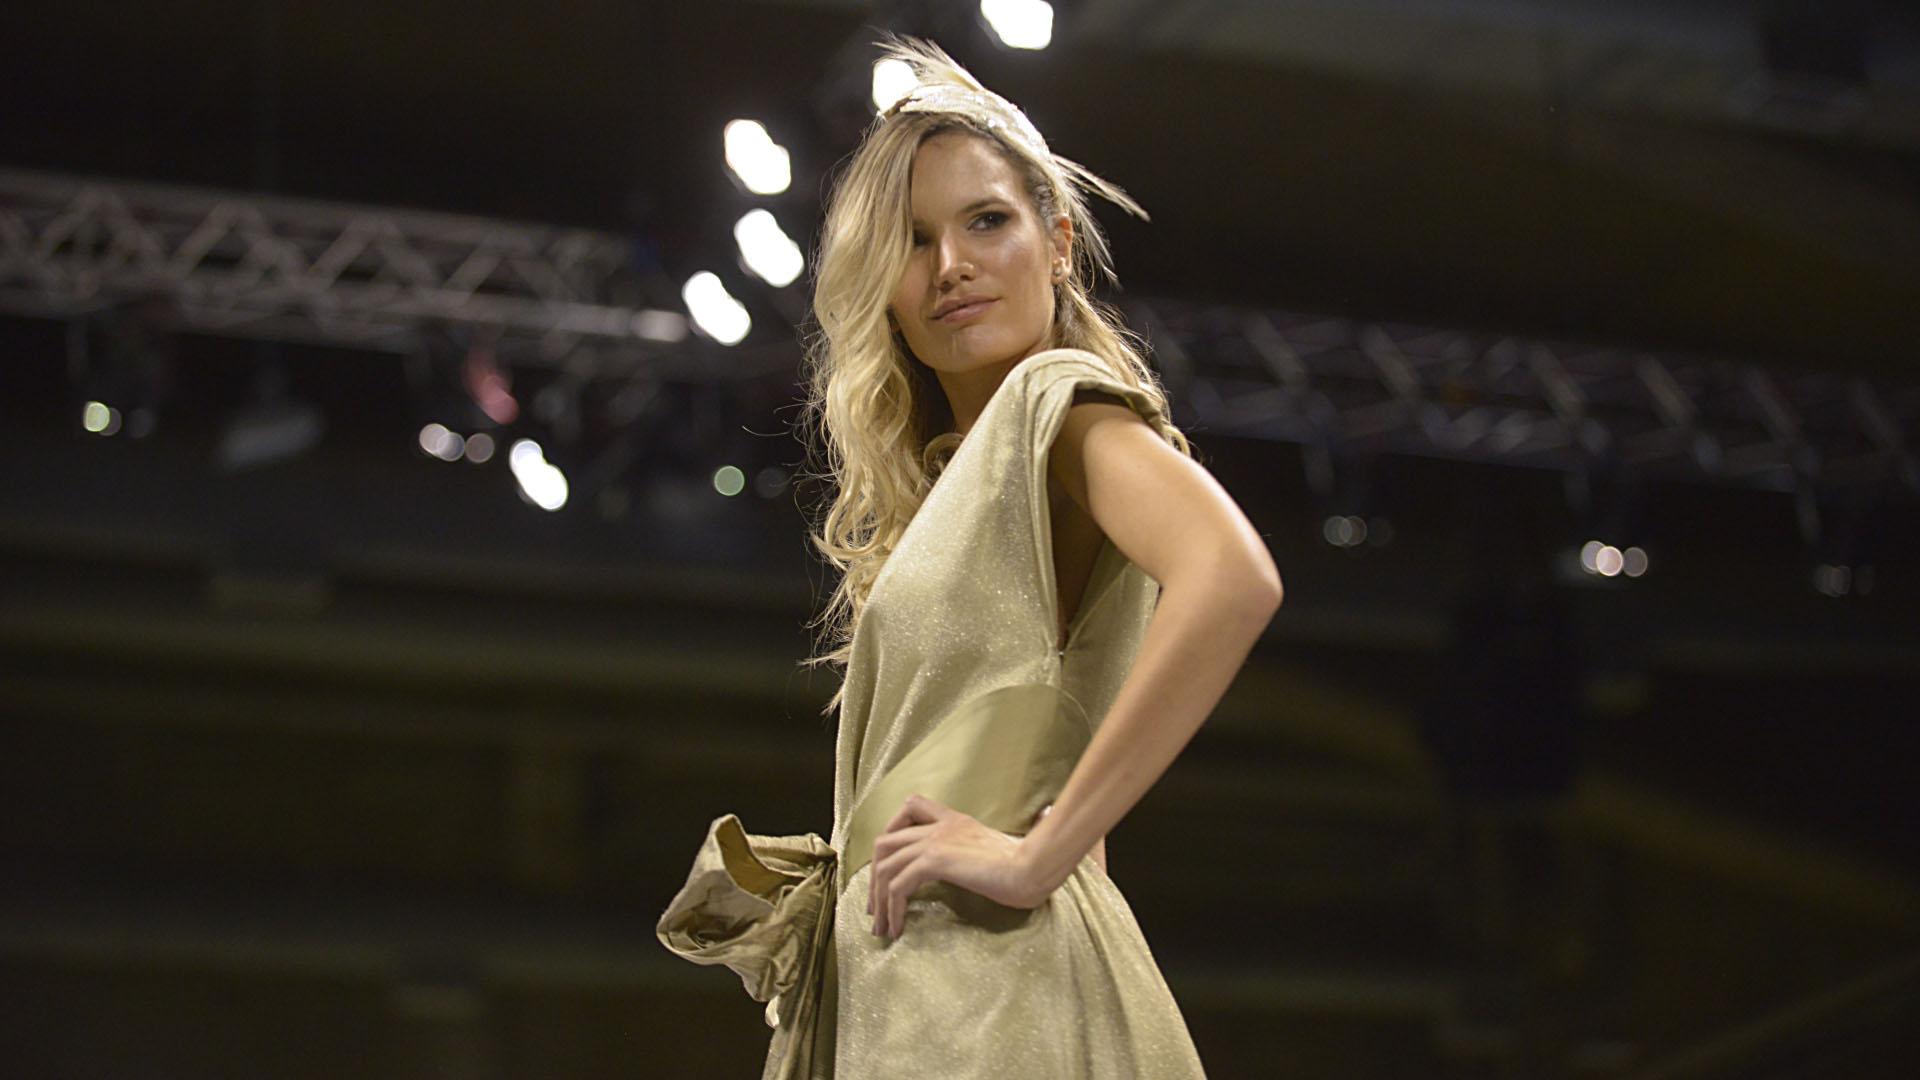 La modelo Eva Bargiela deslumbró en la pasarela de Silkey acompañando a la marca en su aniversario número 50. Desfiló para varias marcas de alta costura y ropa urbana